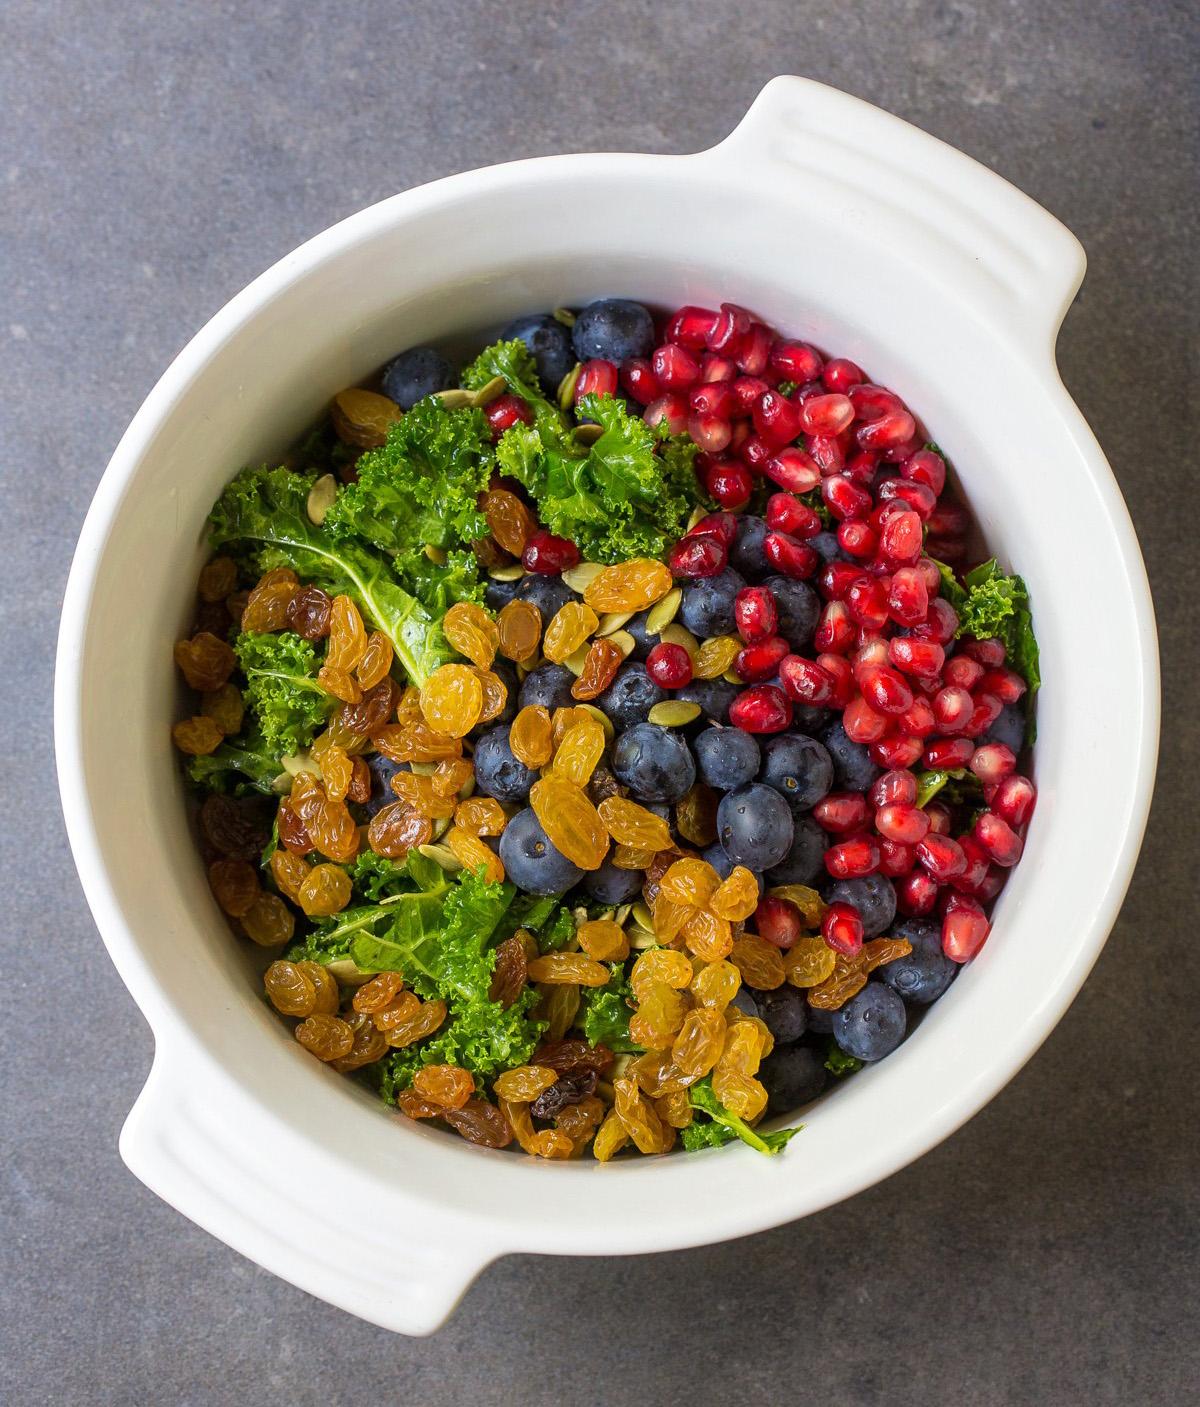 Heinen's Blackened Salmon Power Salad in Bowl